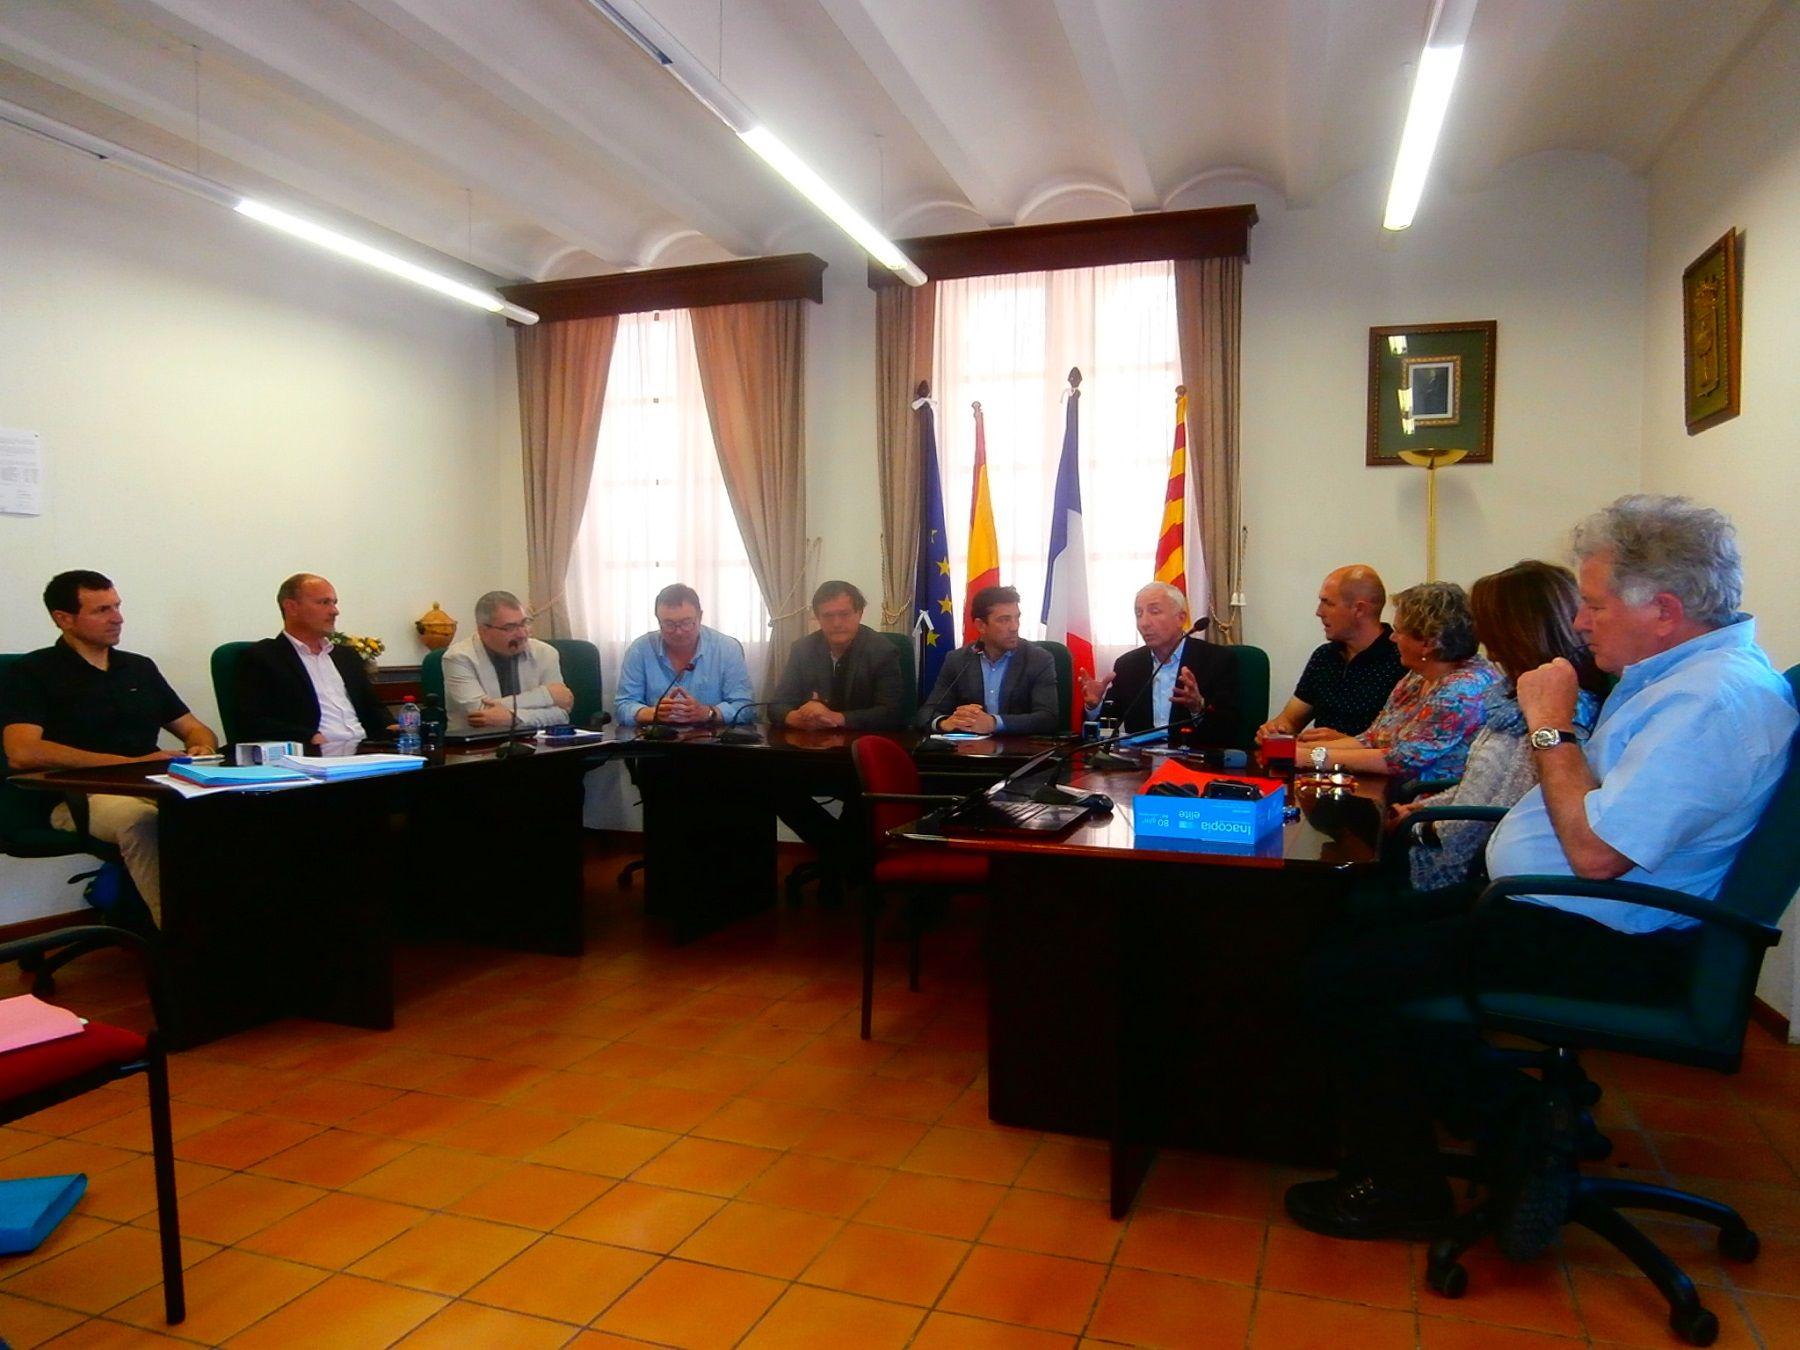 Reunión de las partes implicadas del proyecto. Foto: SobrarbeDigital.